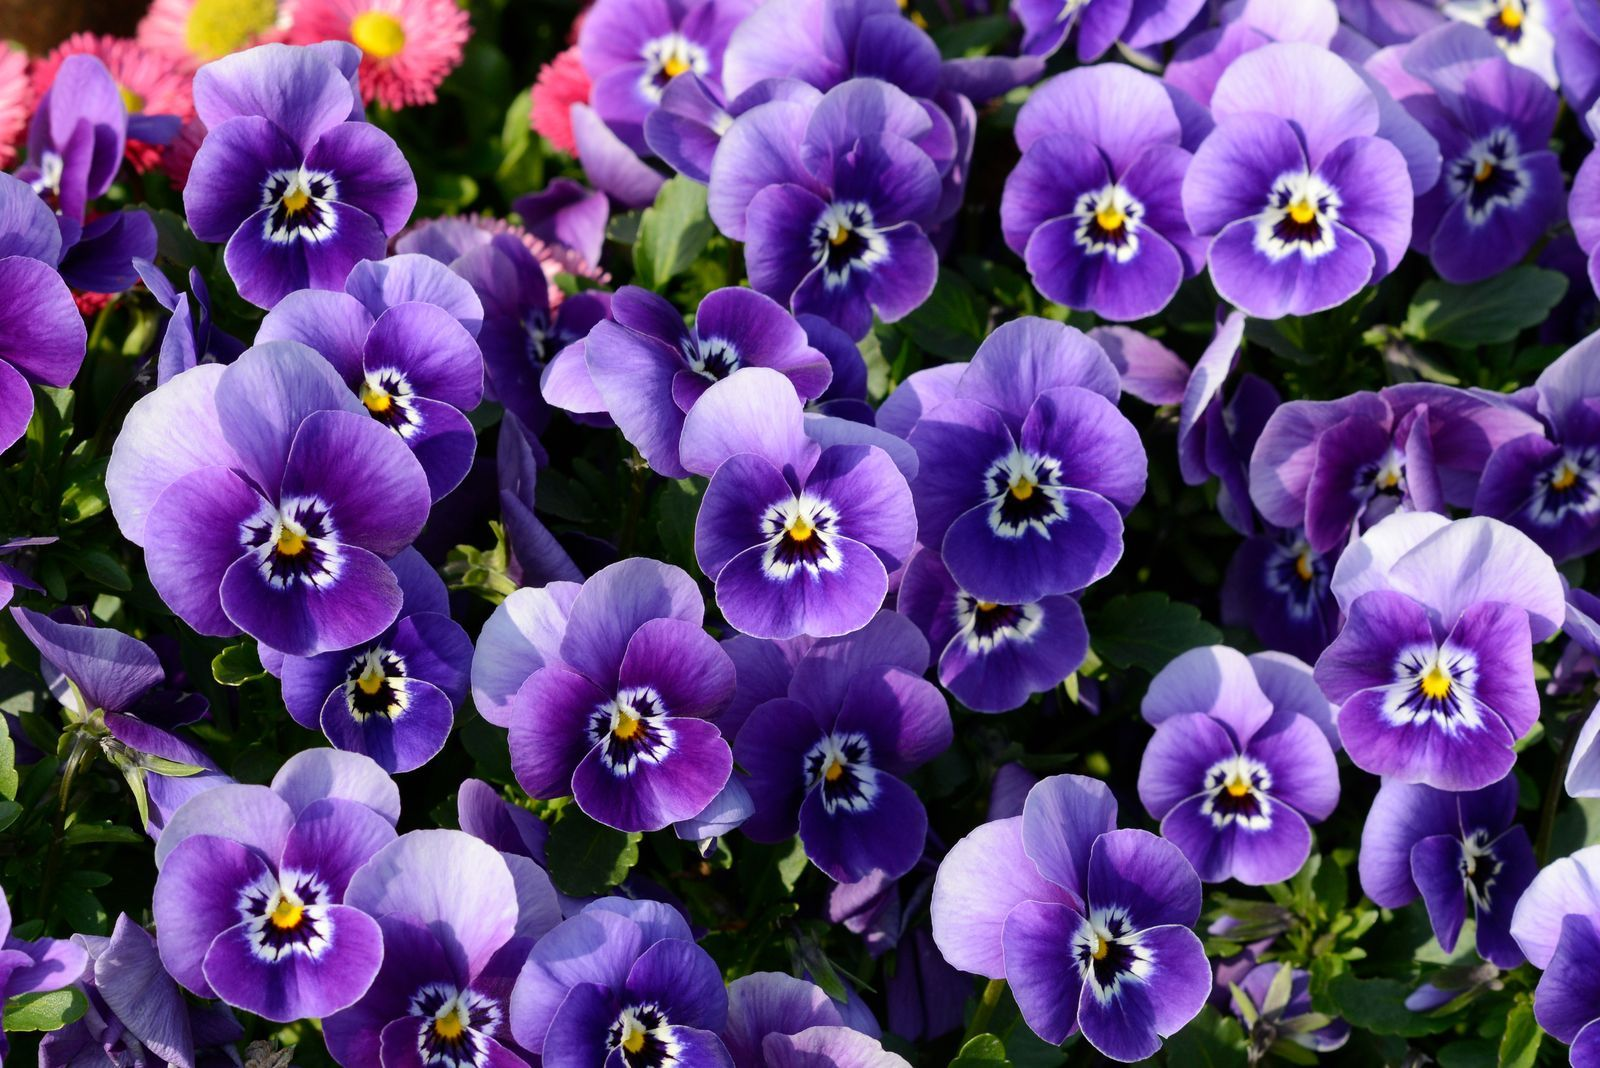 Winterharte Blumen Die Robusten Top 10 Fur Ihren Garten Plantura Winterharte Blumen Winterhart Winterharte Pflanzen